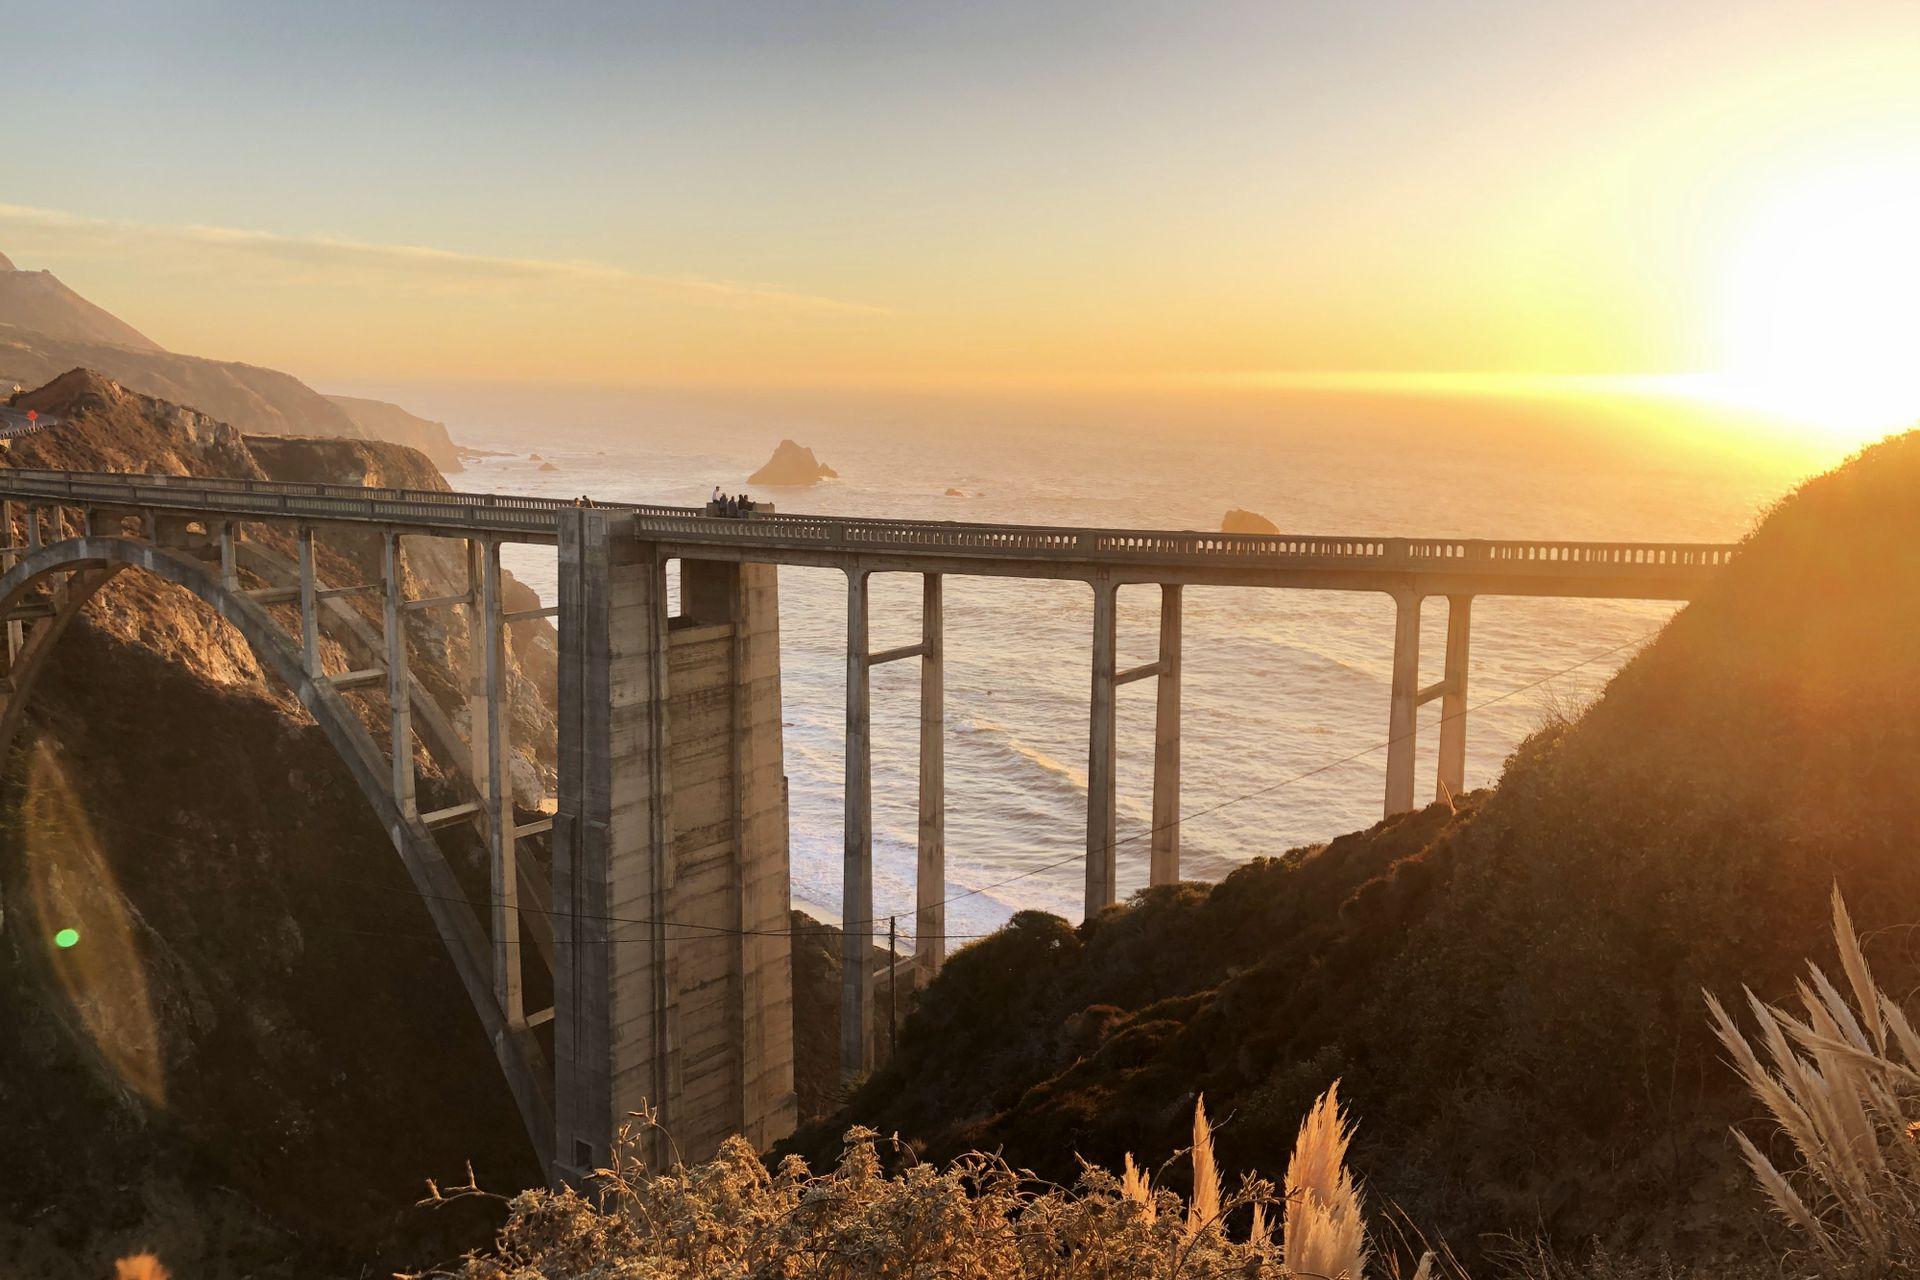 Agustín partió rumbo a la costa californiana. Imagen tomada por él en Bixby Creek Bridge, California.